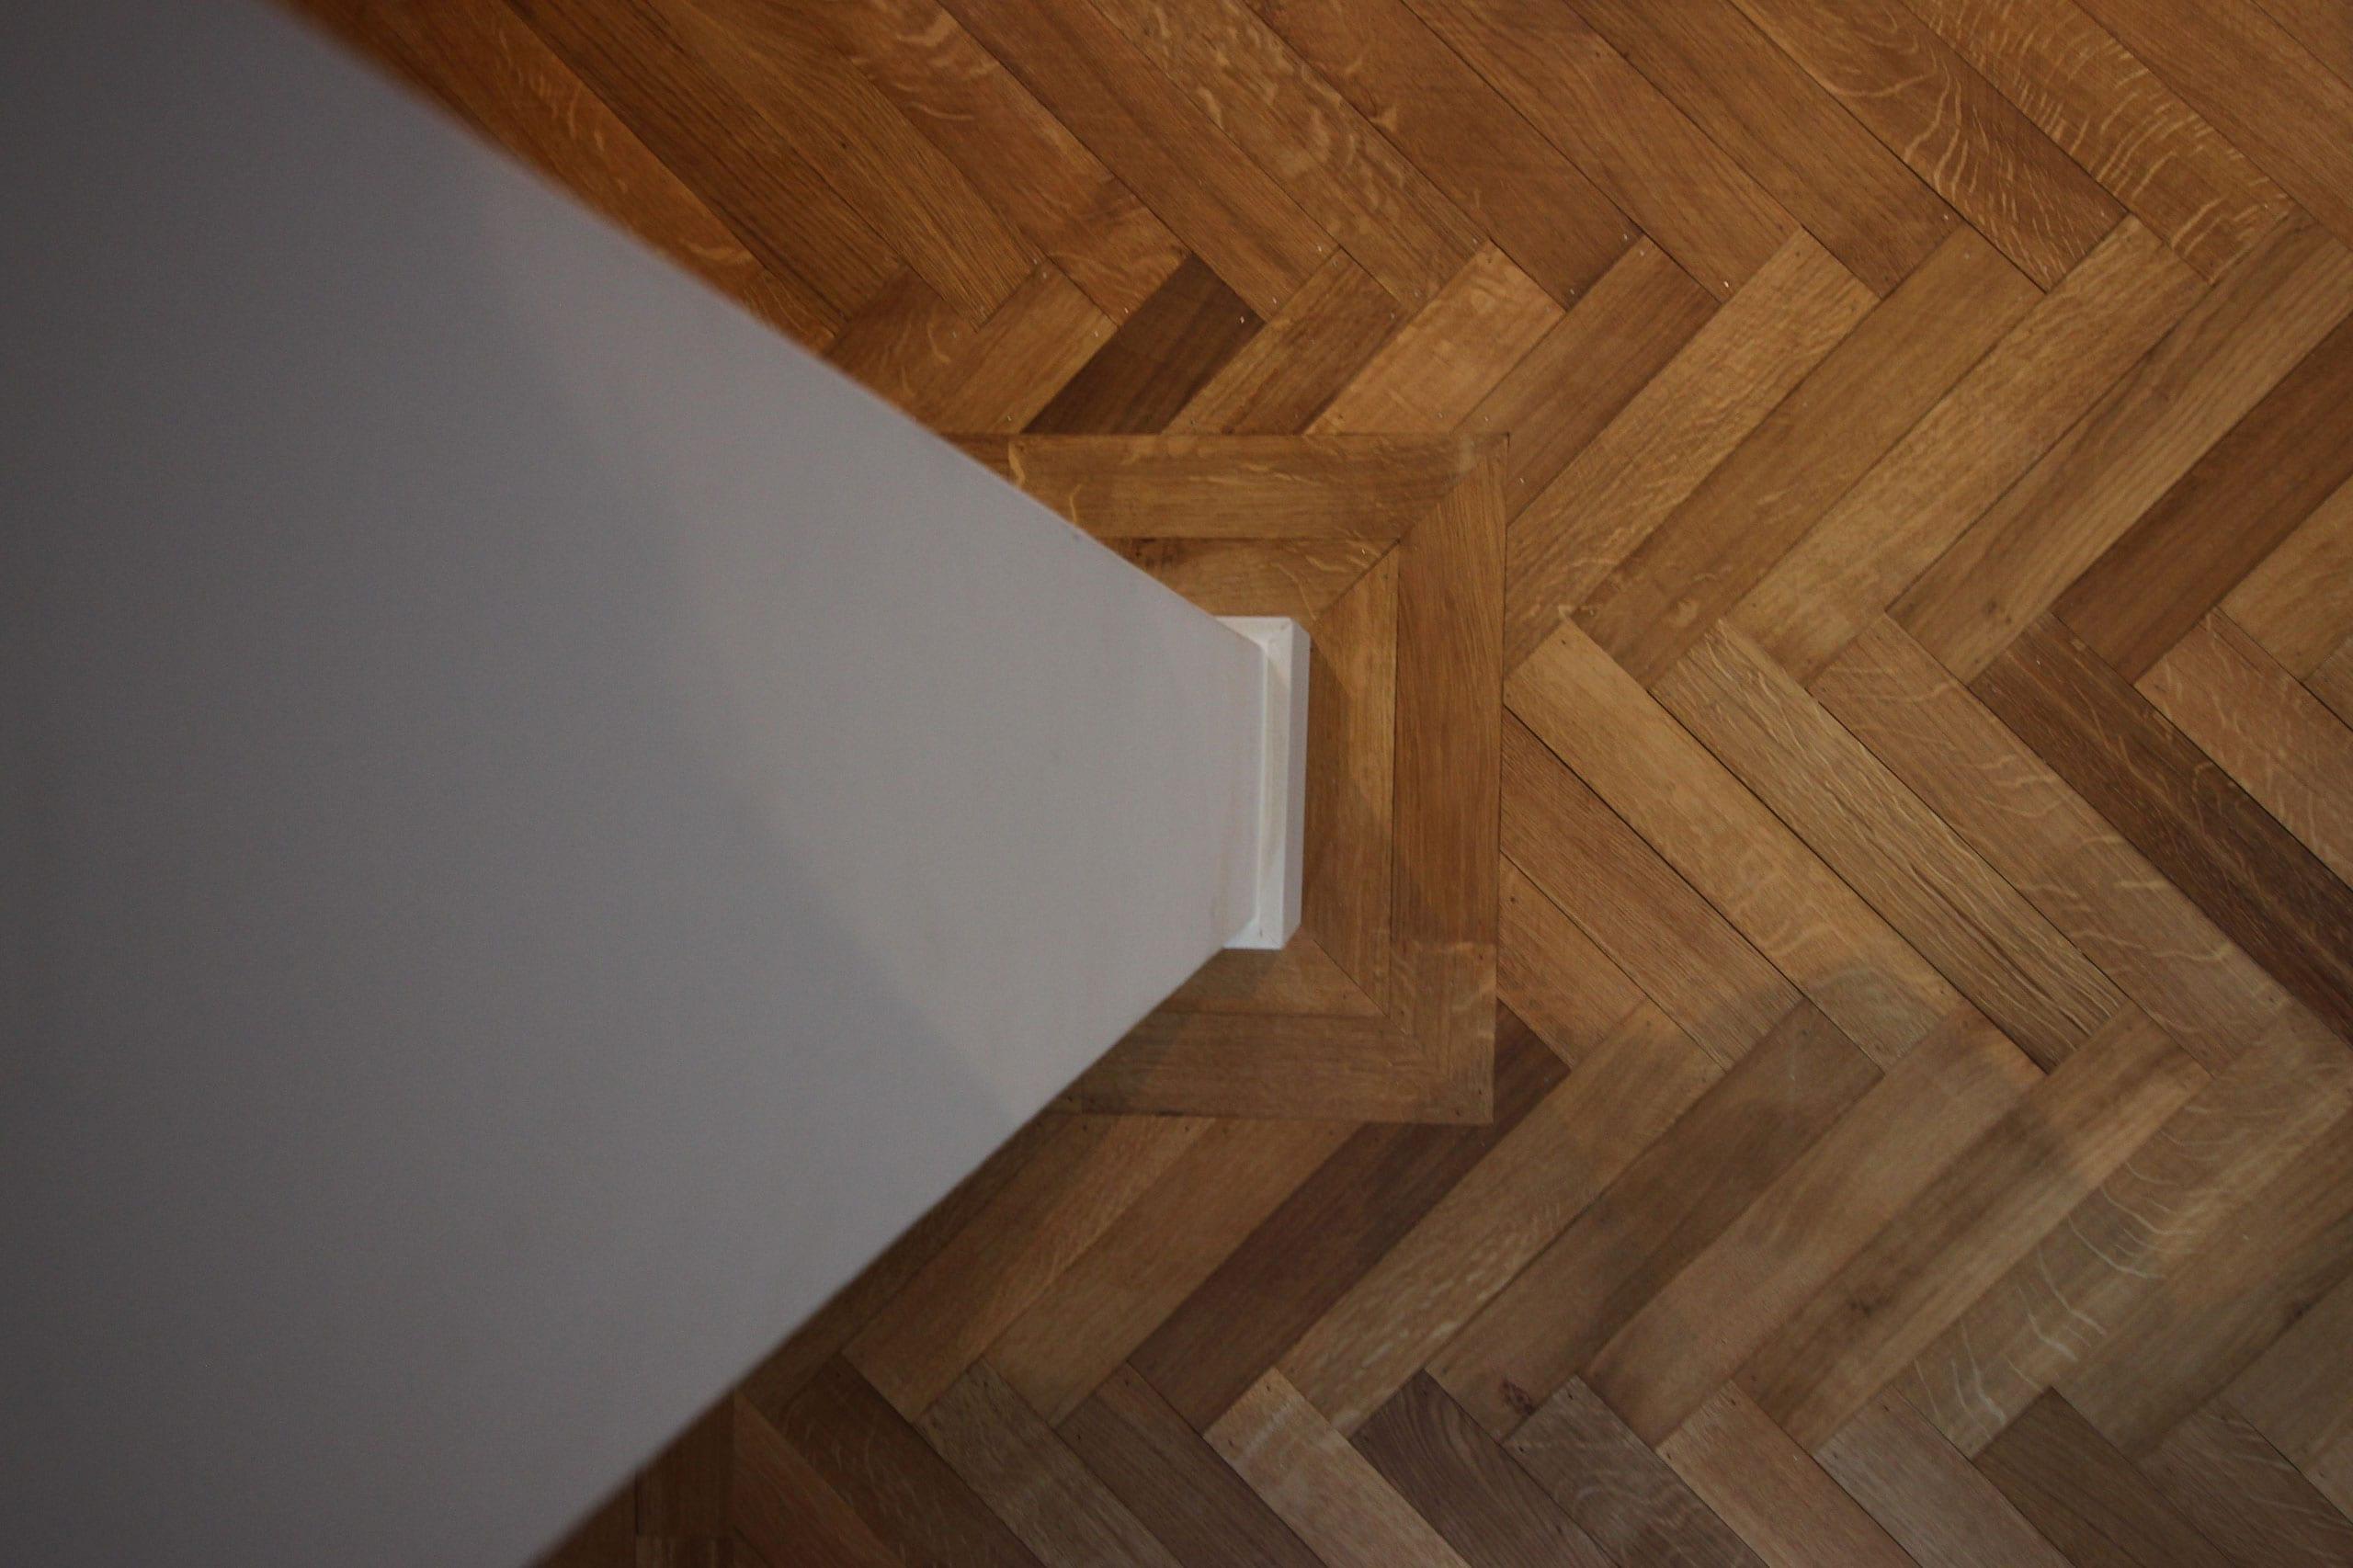 houten-visgraat-vloer-op-maat-5